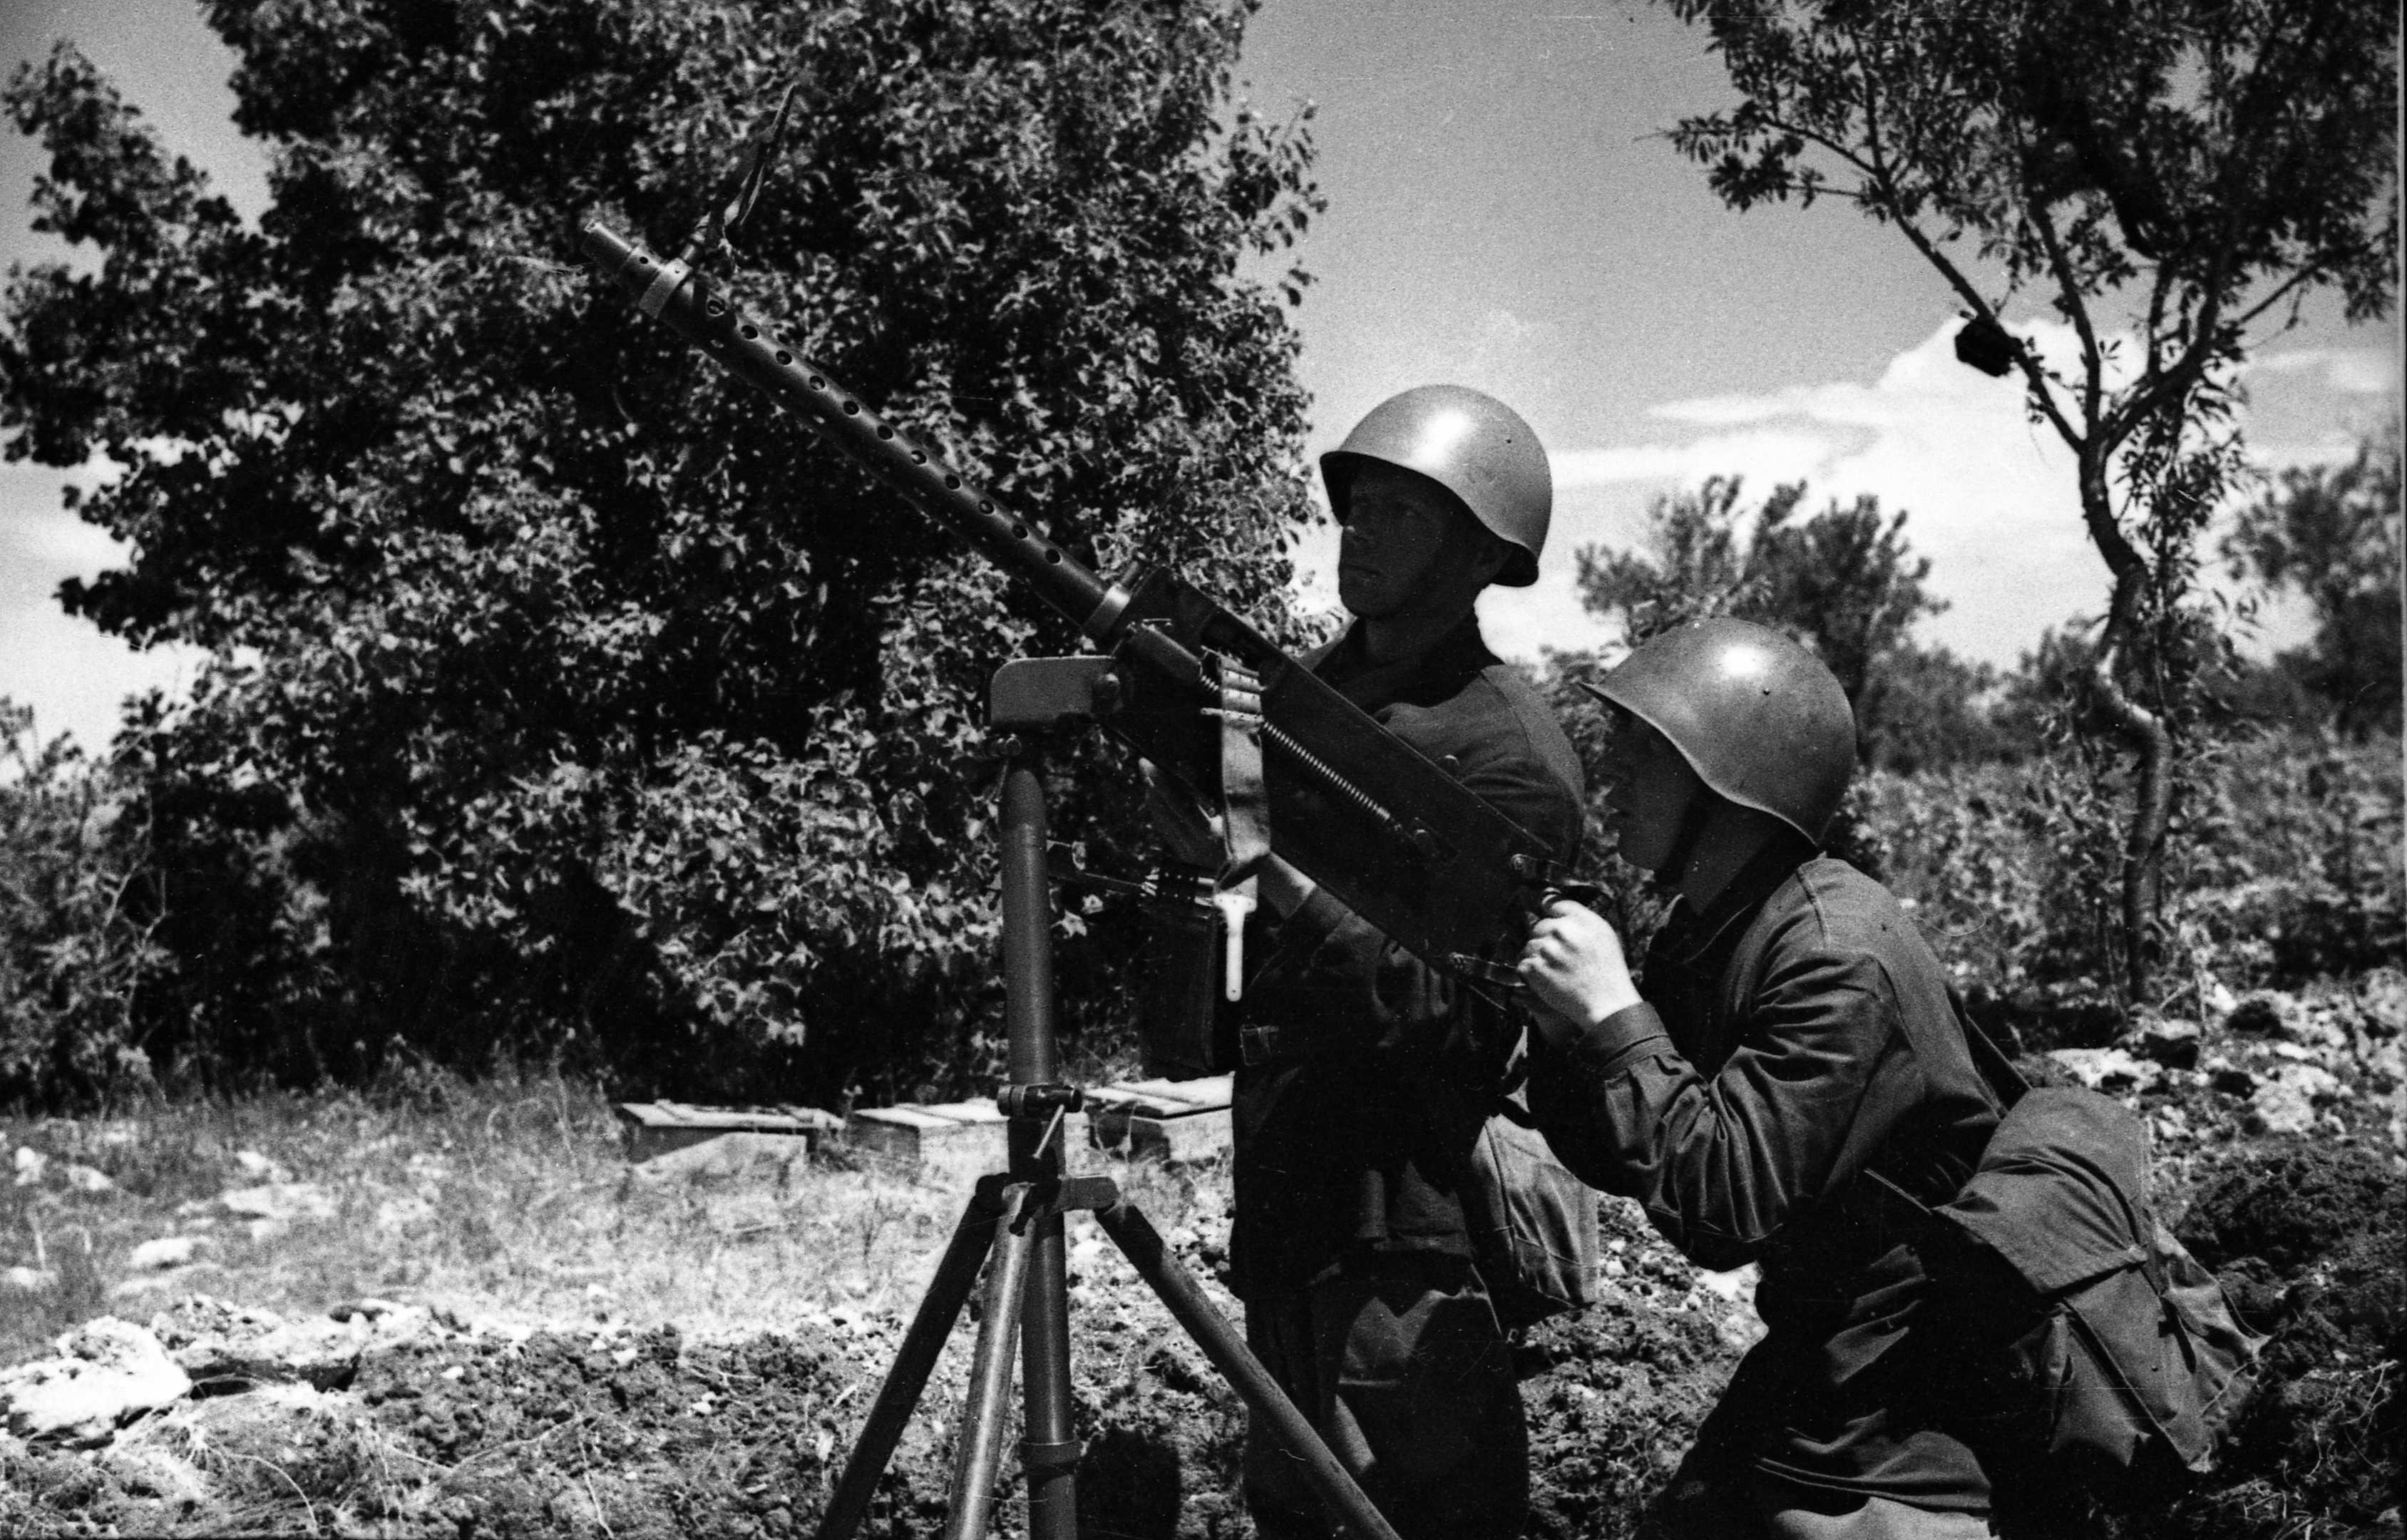 03-5593793-efrejtor-pasichnik-a.i.-i-krasnoarmeets-girin-zenitchiki-pulemyotchiki-pvo-pa-sbivshie-v-iyune-1942-g.-dva-nemetskikh-samolyota.06.42-g.jpg